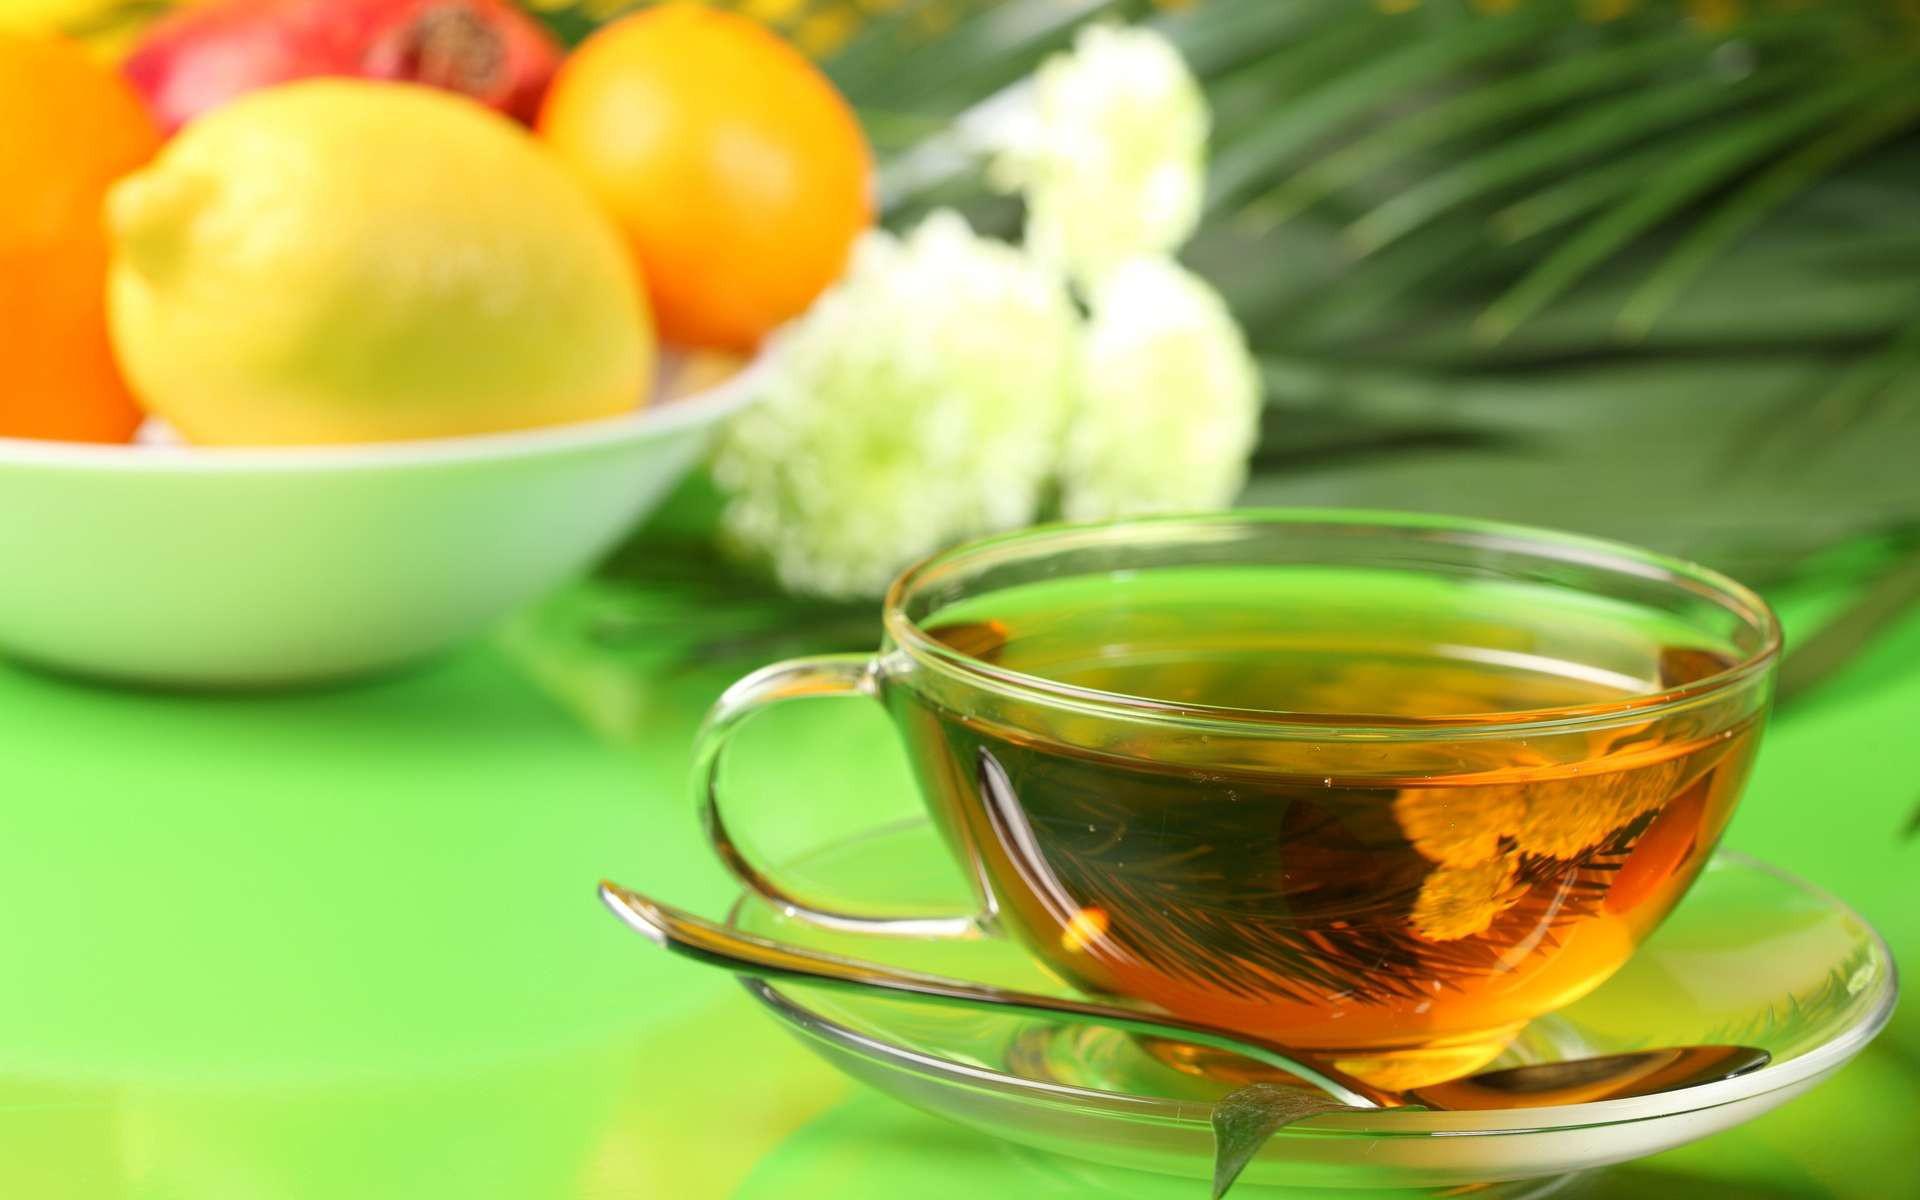 чай, тарелка, блюдце